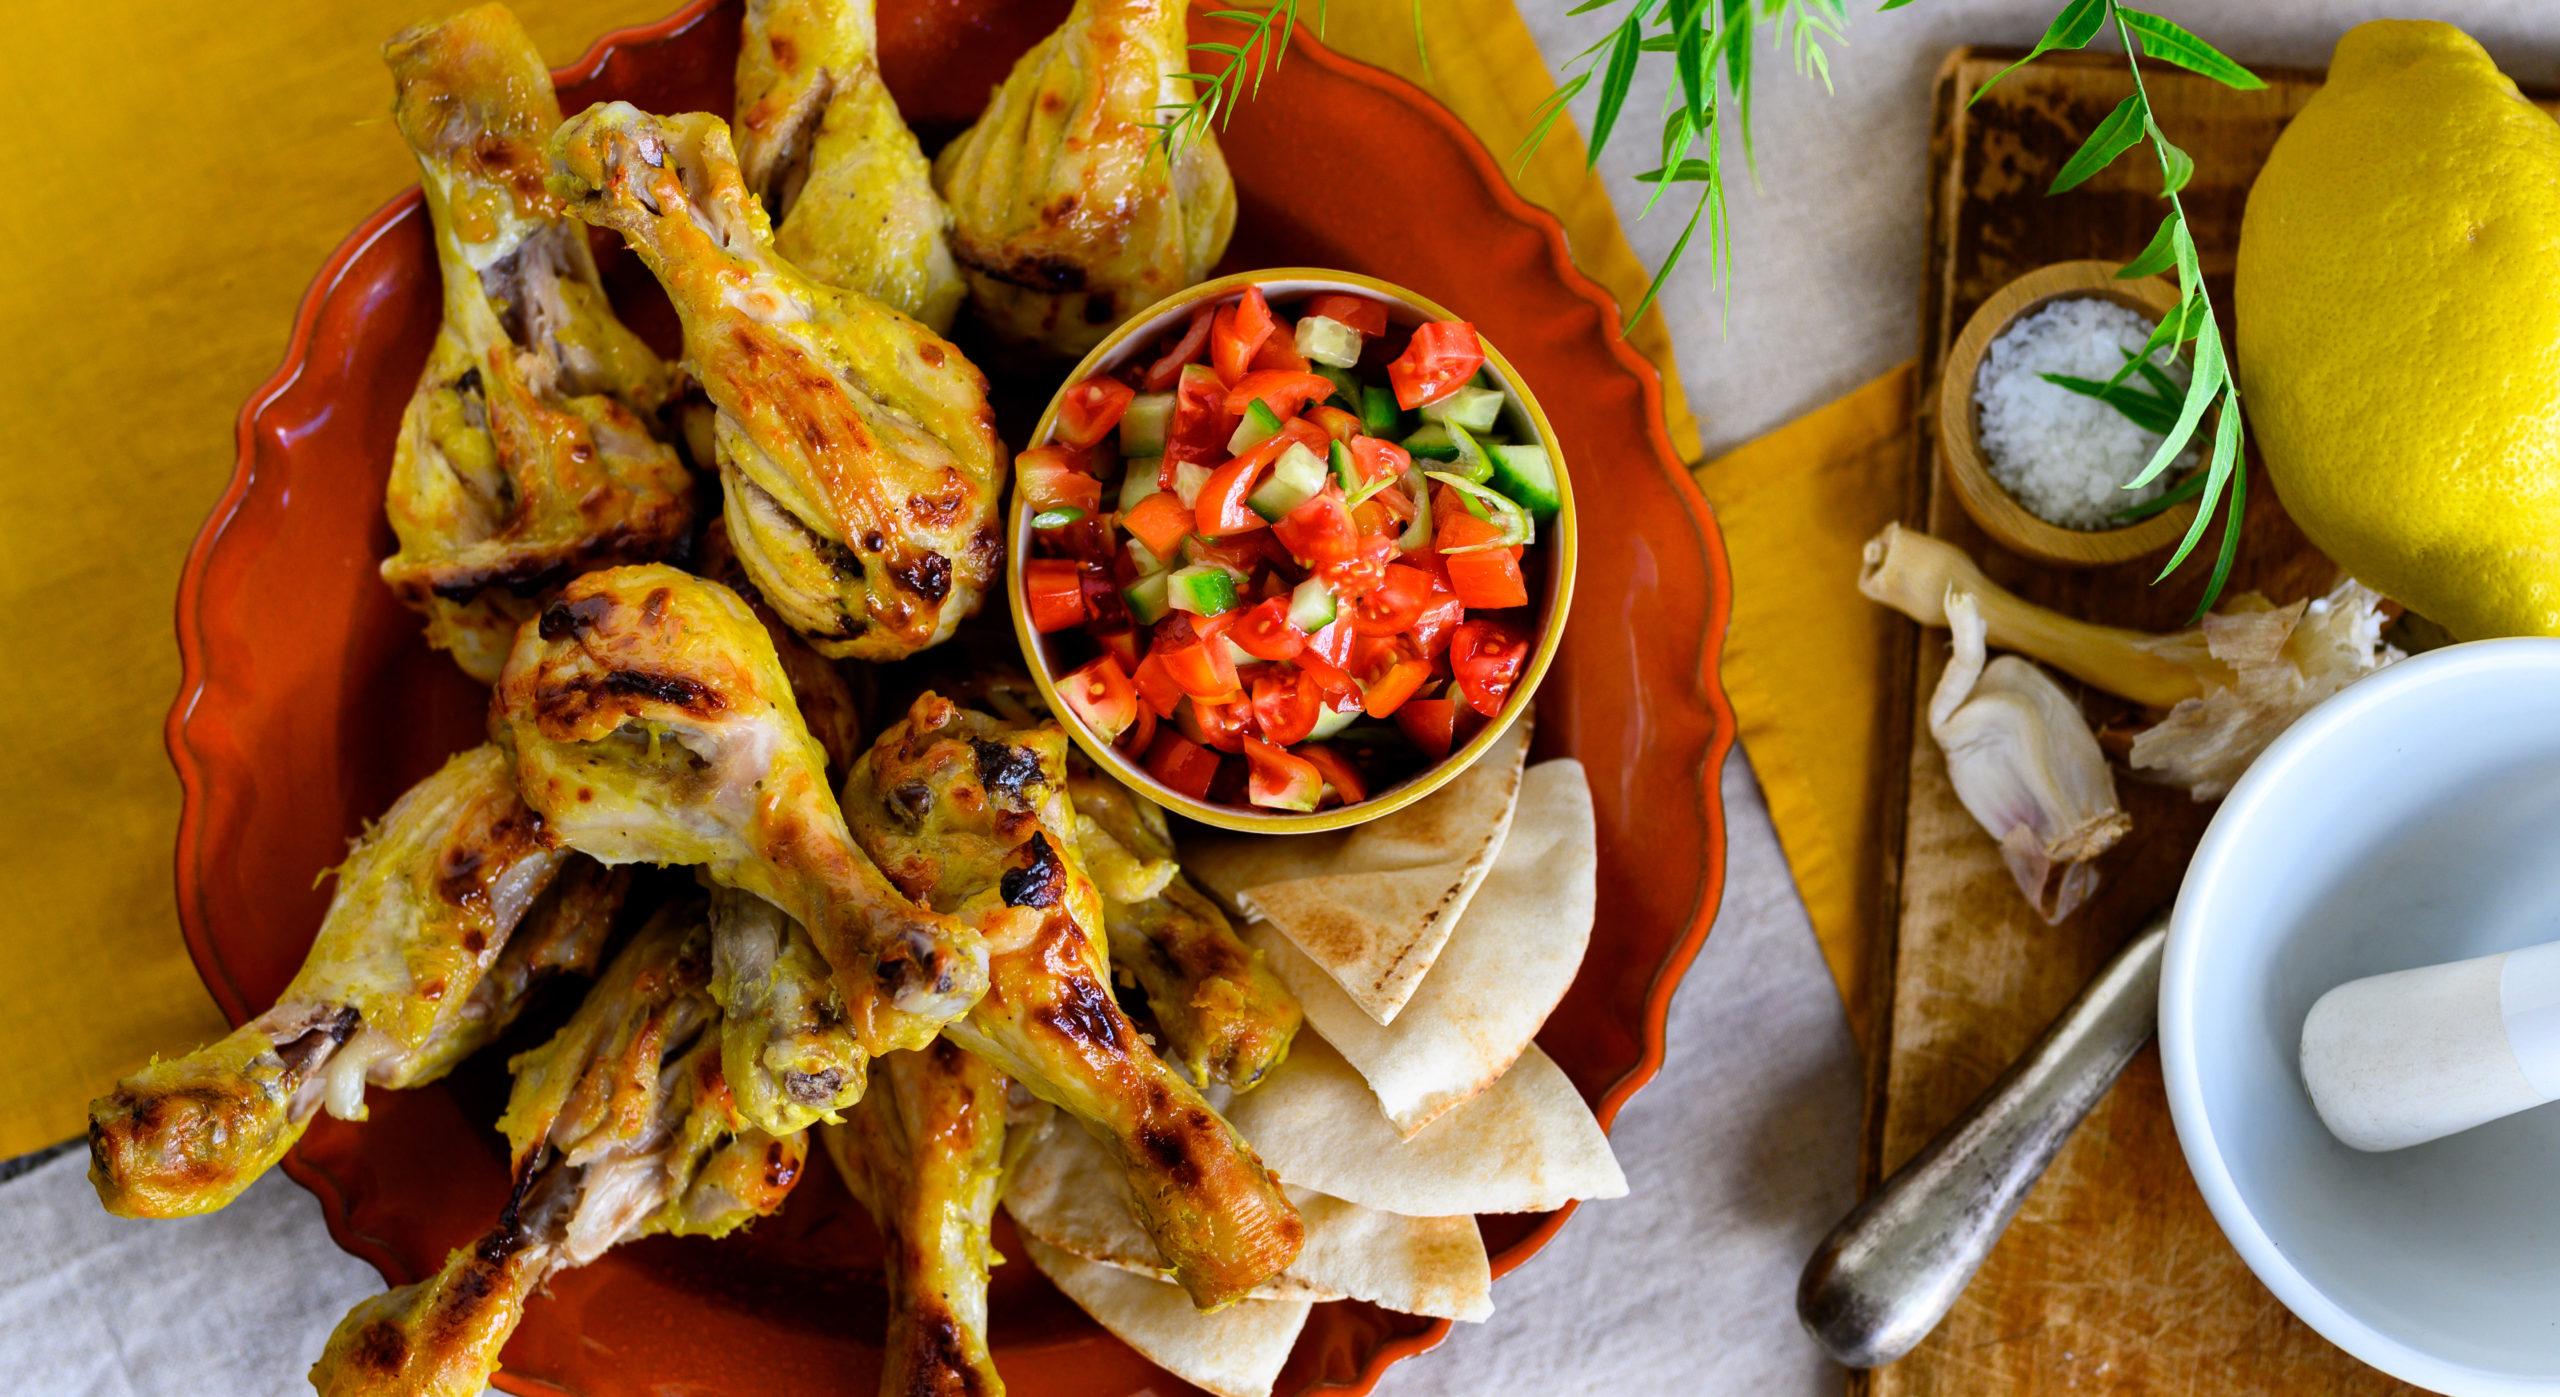 Κοπανάκια ψητά με μαρινάδα γιαουρτιού, αραβικές πίτες και τοματίνια